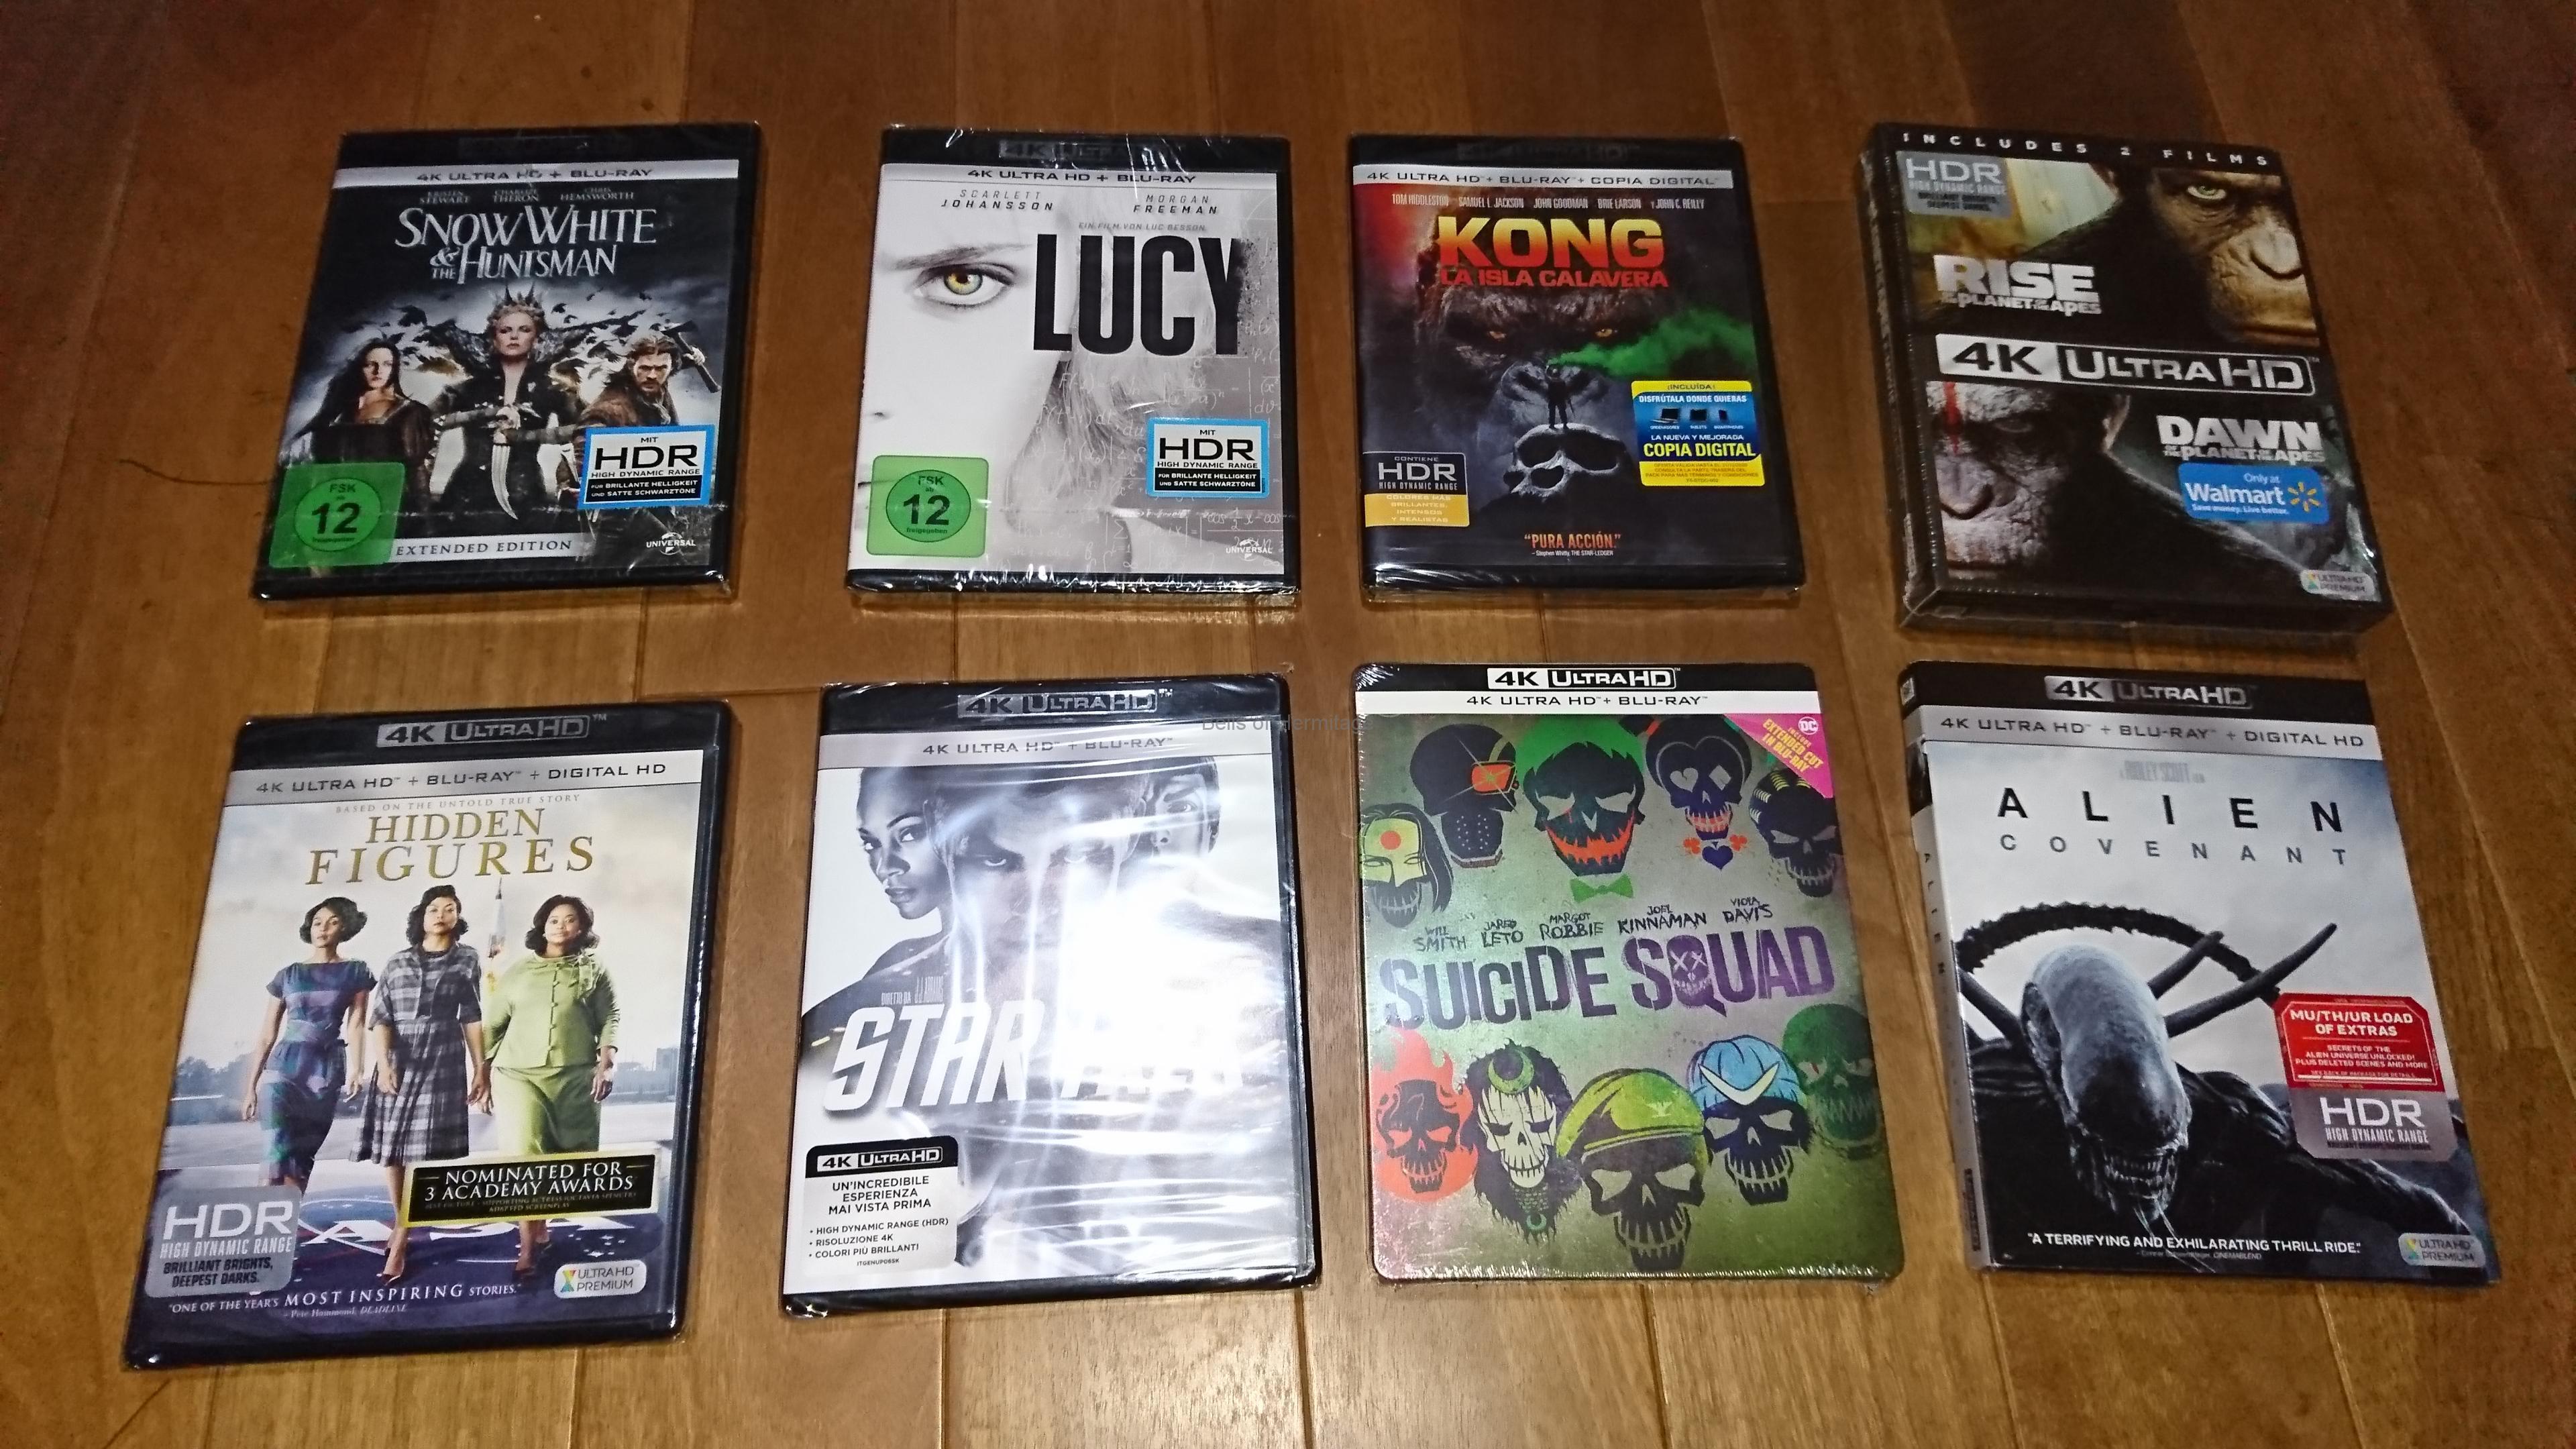 海外版4K Urtra HD Blu-rayソフトを大量発注(2)ボーン3作、パージ3作など16作品+1作品